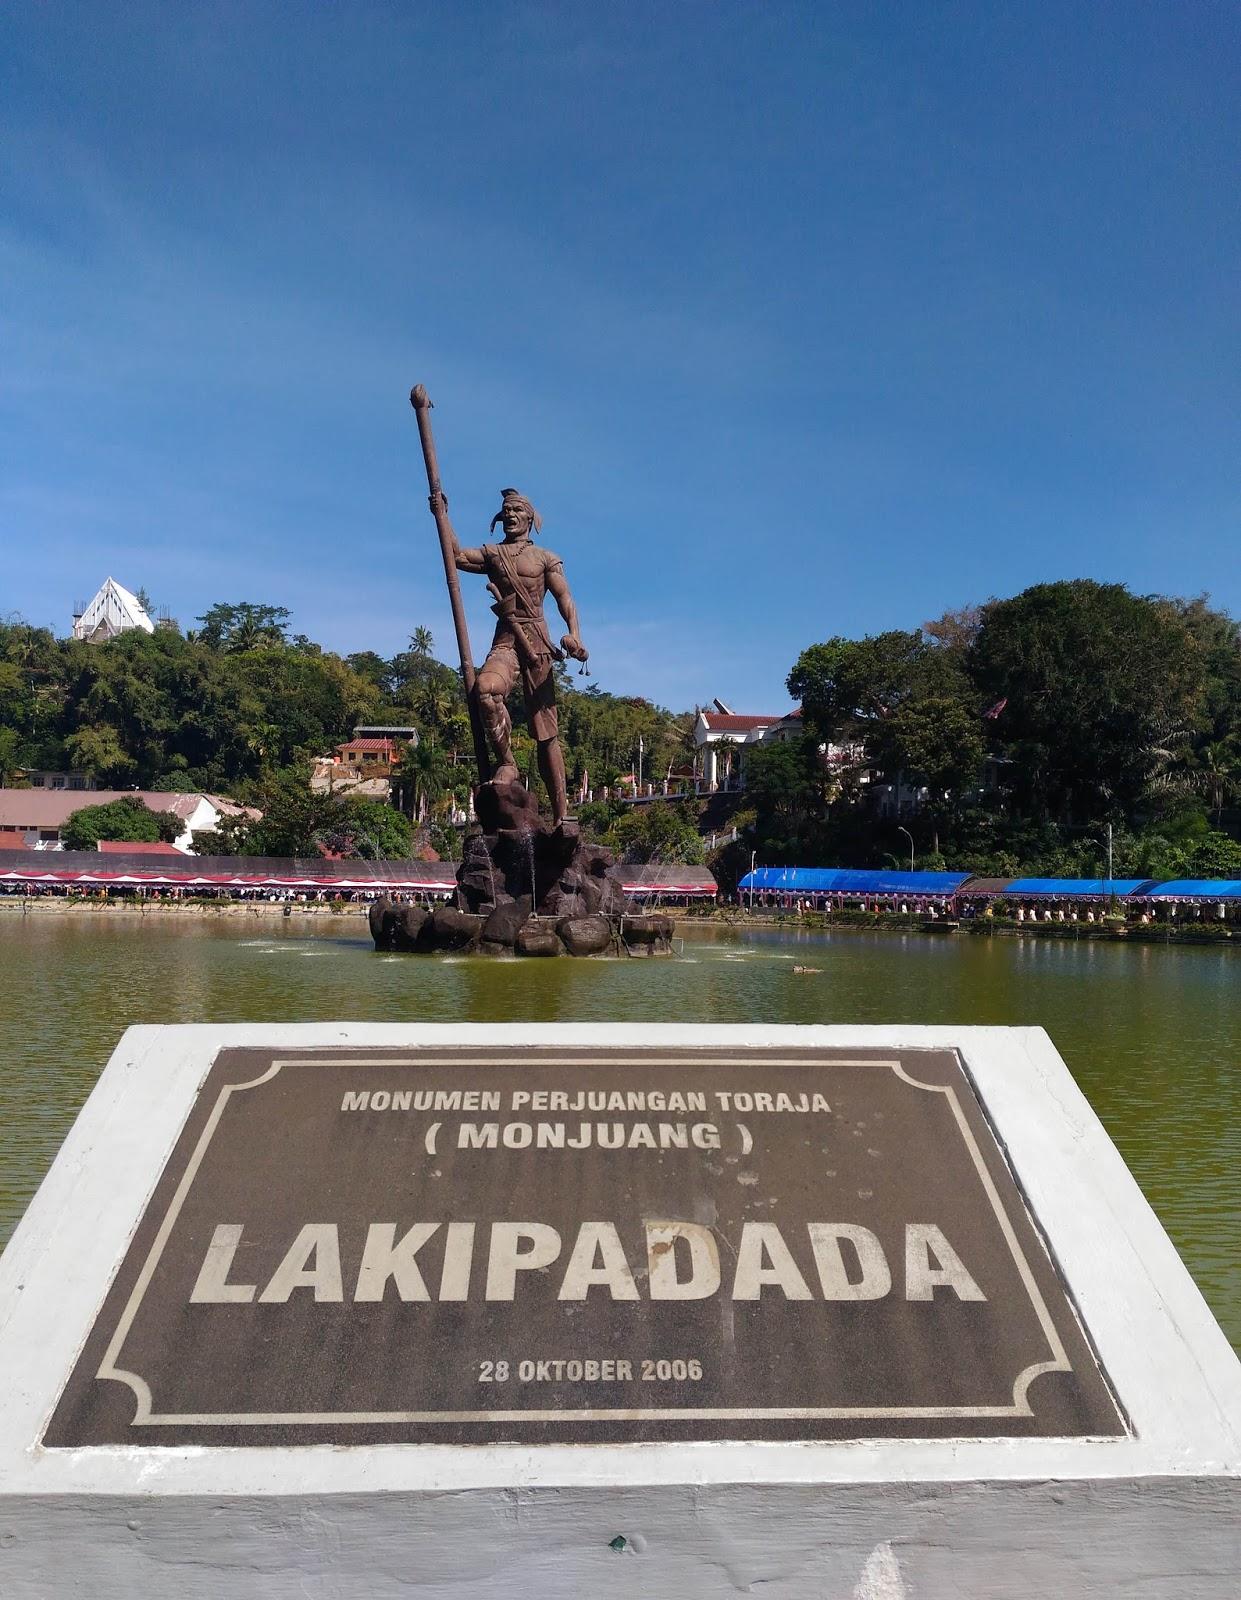 Legenda  Puang Lakipadada Dalam Bahasa Asli Toraja